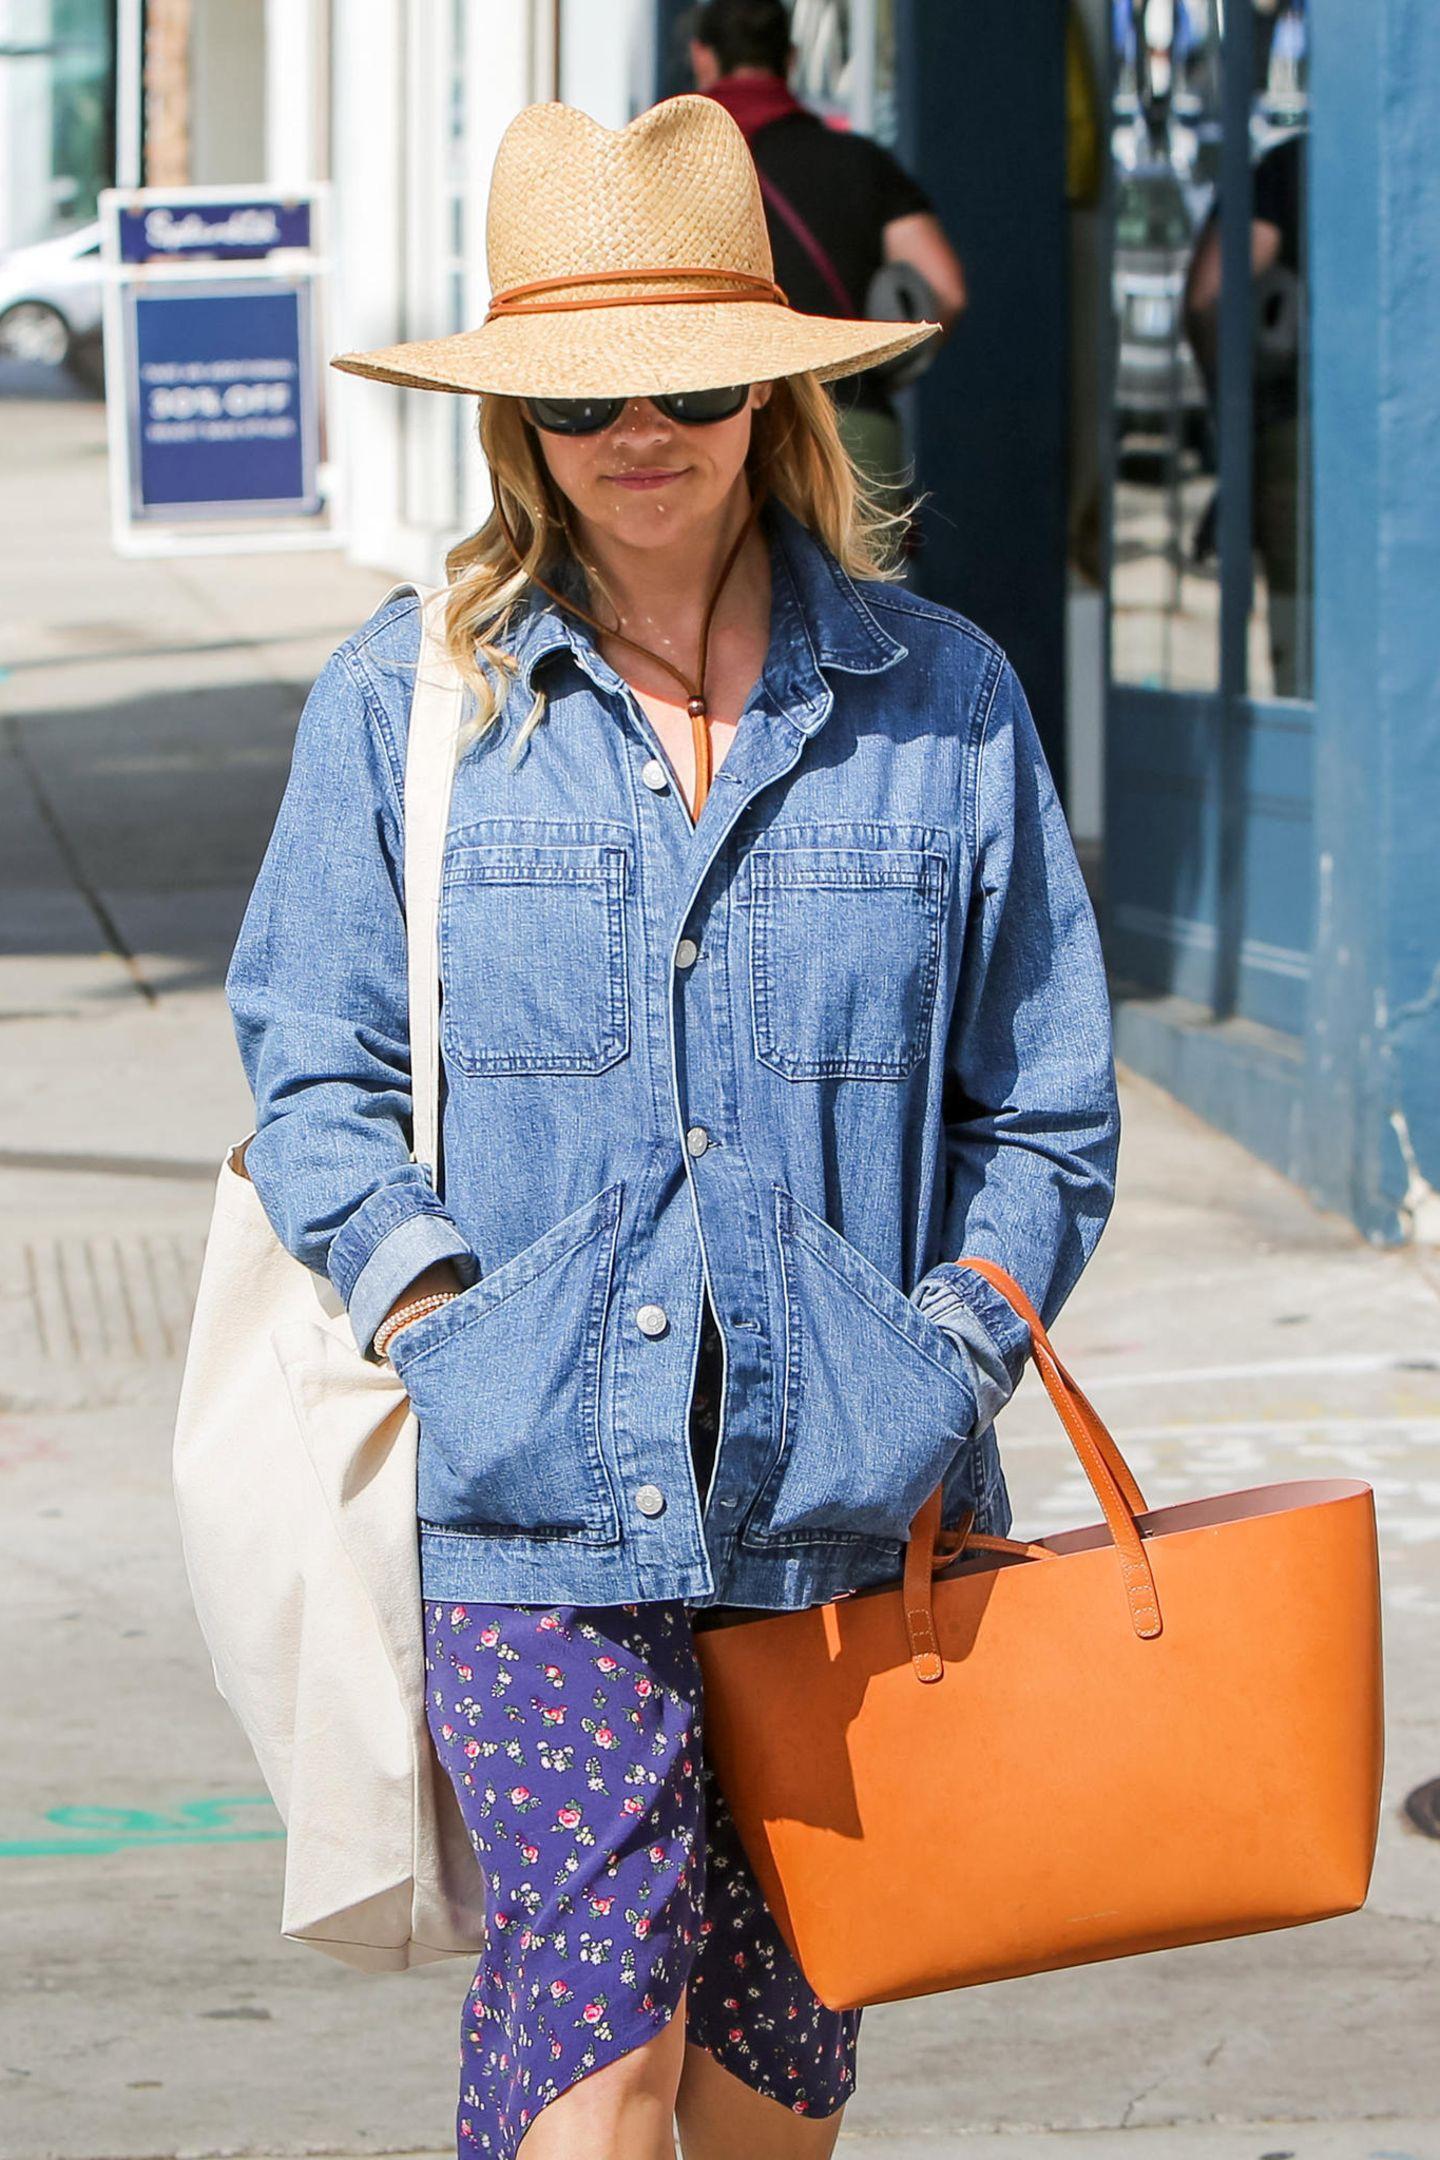 Mit Sonnenhut und Blümchenkleid. Dieser Look von Reese Witherspoon schreit förmlich nach Ausflug zum Bauernmarkt. Passend dazu trägt die Big Little Lies Schauspielerin ihre Mansur Gavriel Tote im sonnigen Camel Farbton.